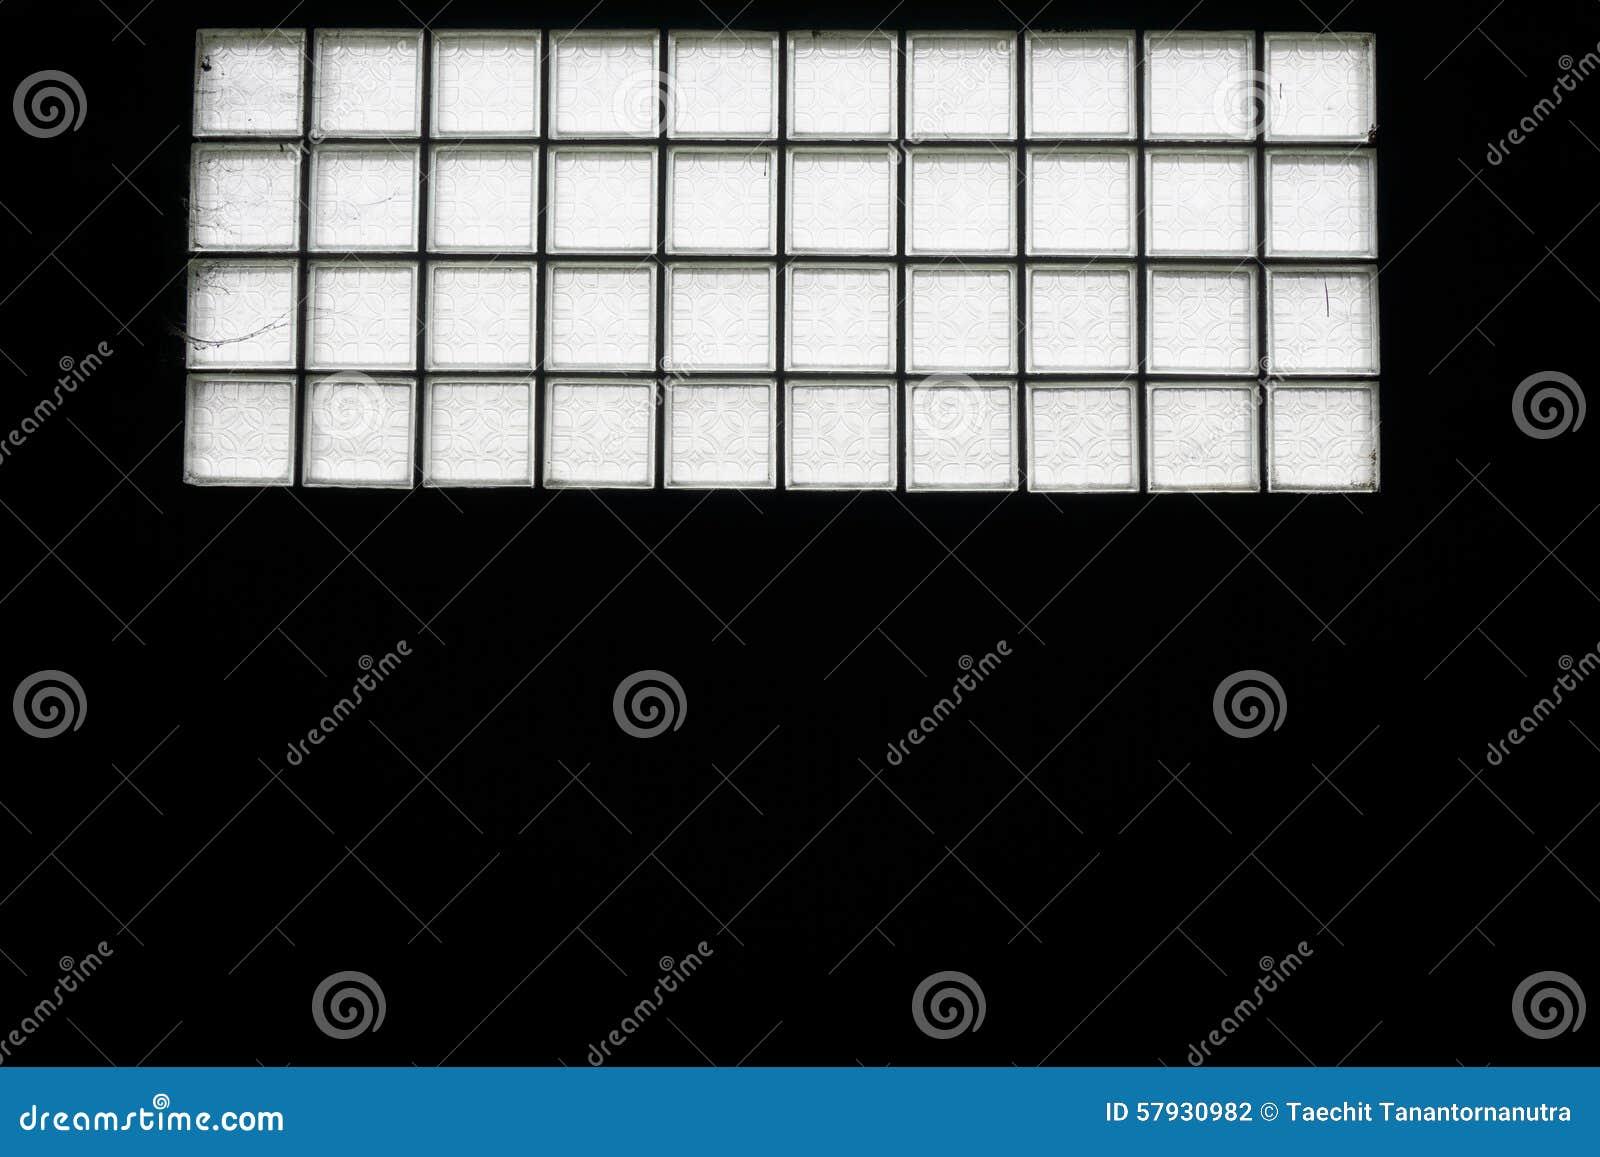 Bloques de cristal cuadrados foto de archivo imagen - Bloques de cristal ...